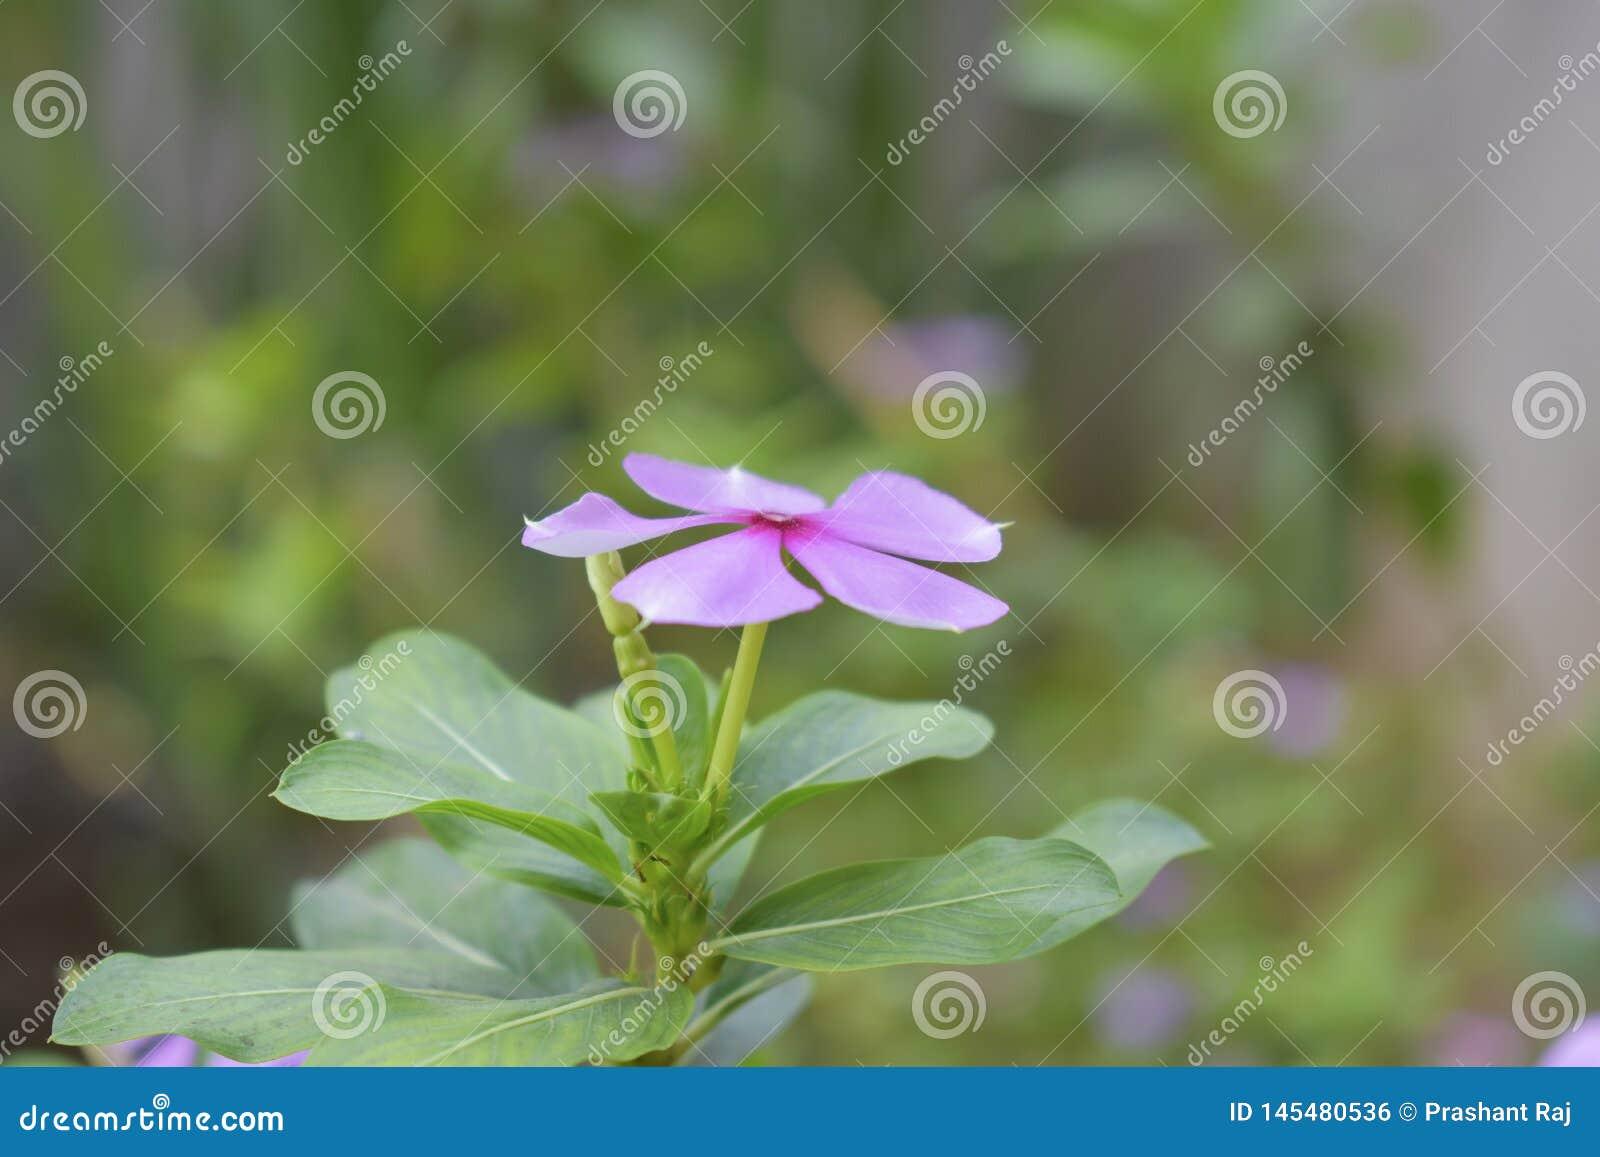 Catharanthus madagascar periwinkle , sadabahar